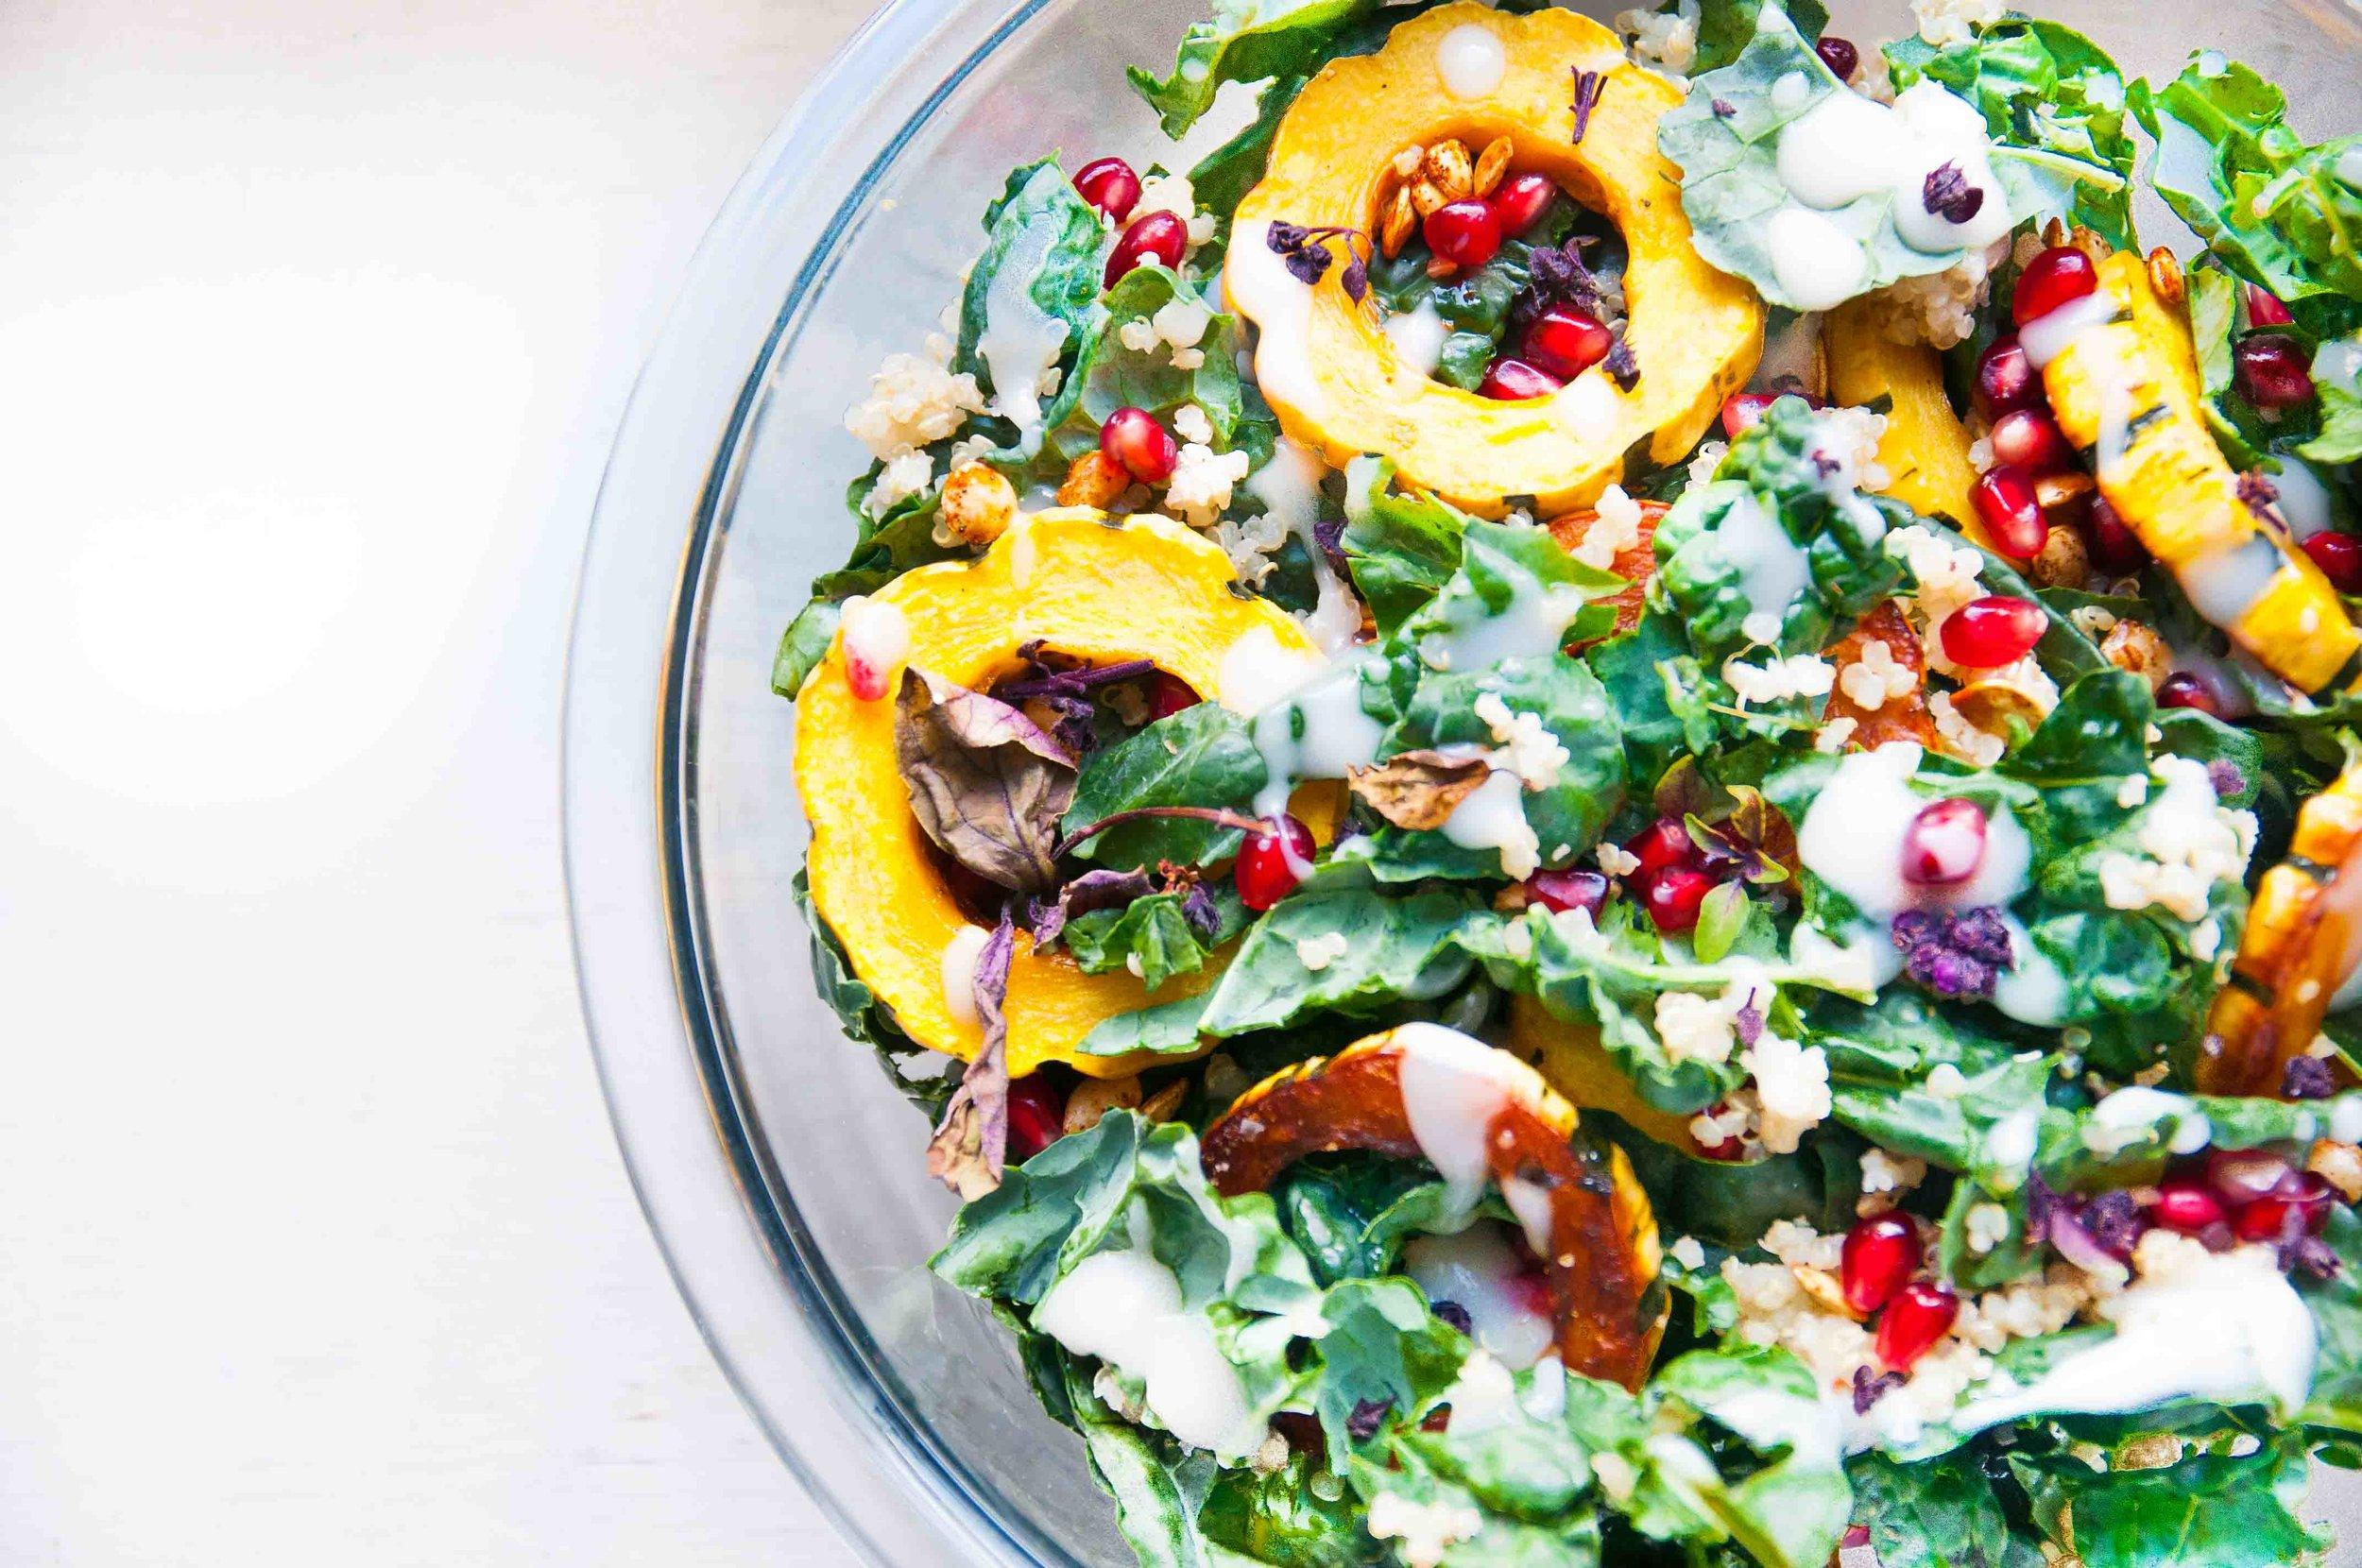 delicatat squash + kale salad -fried parsley